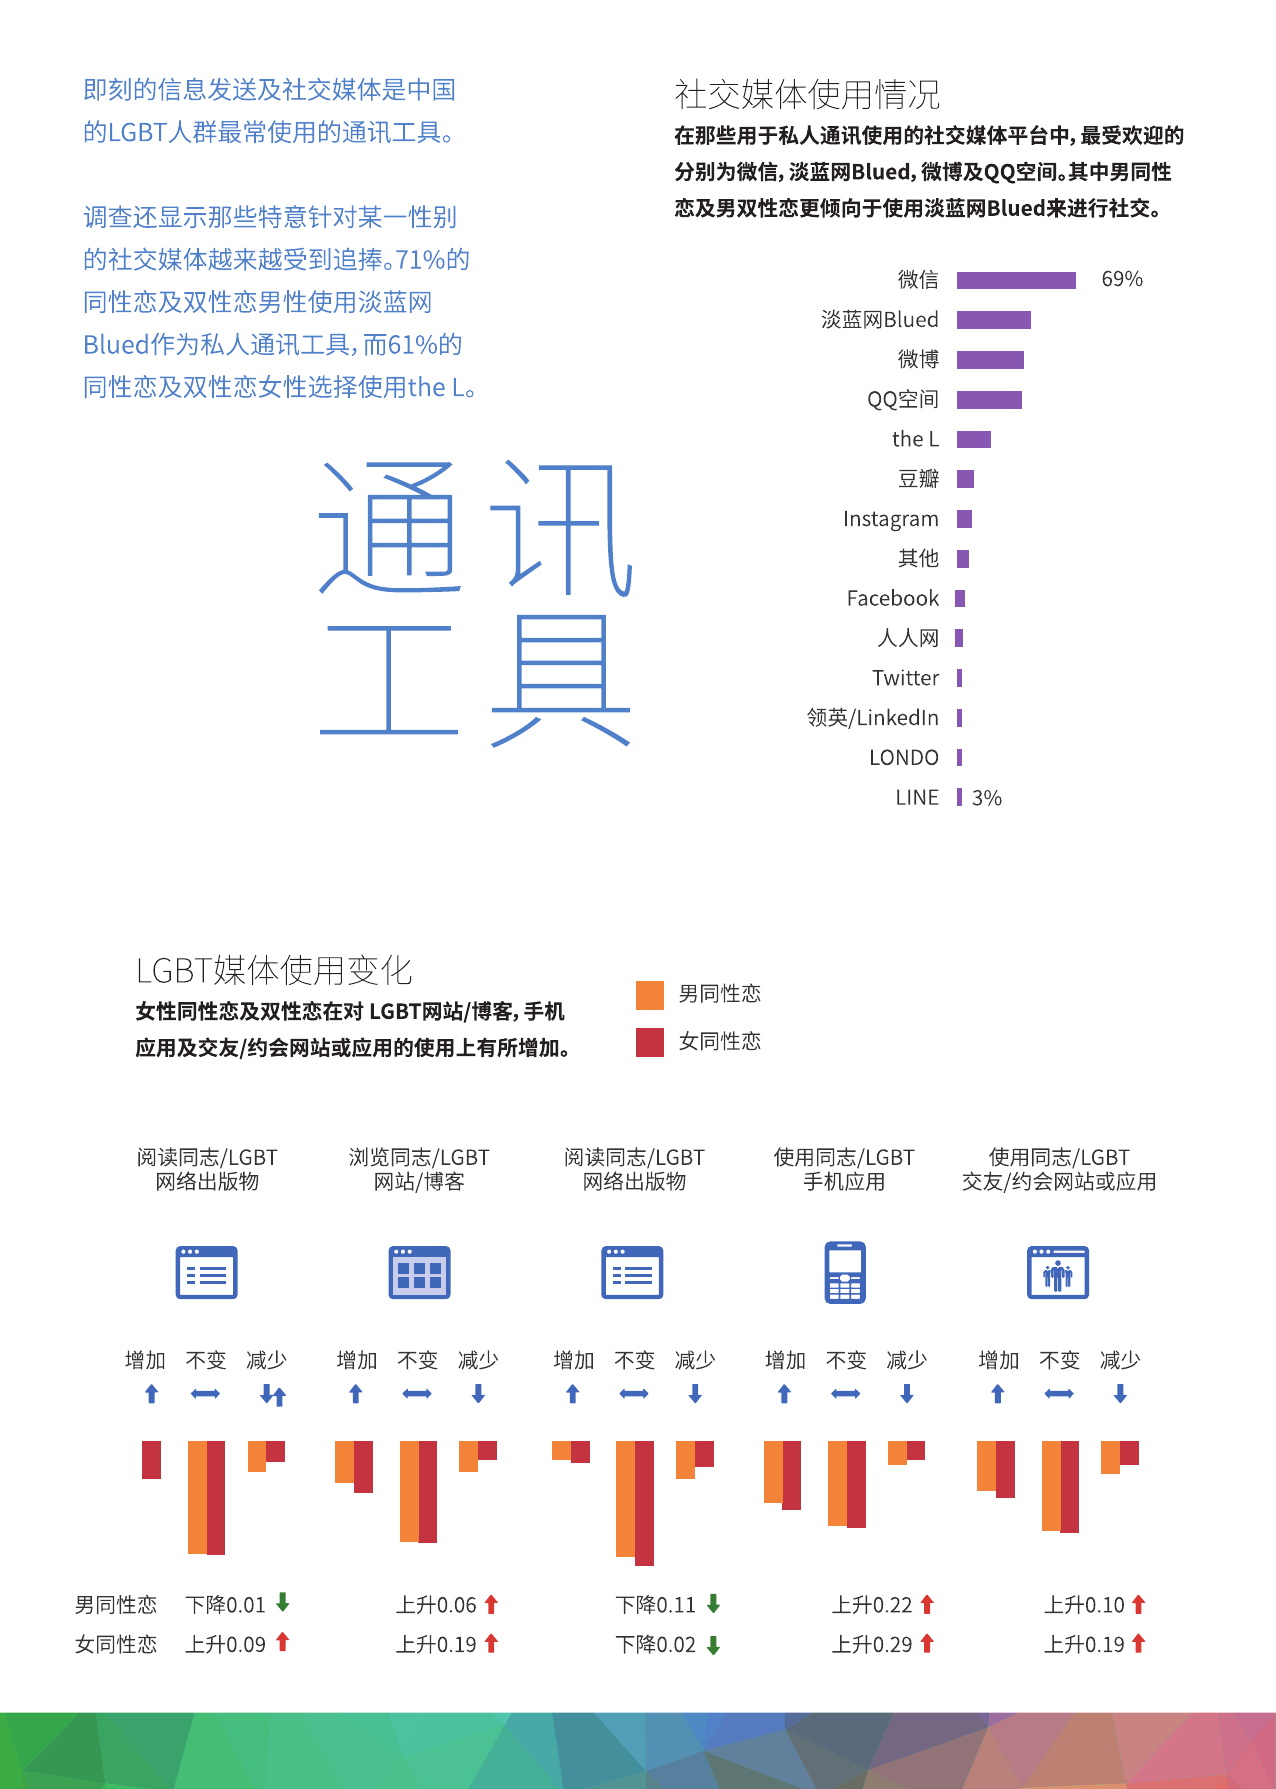 中国LGBT群体生活消费调查报告_000020